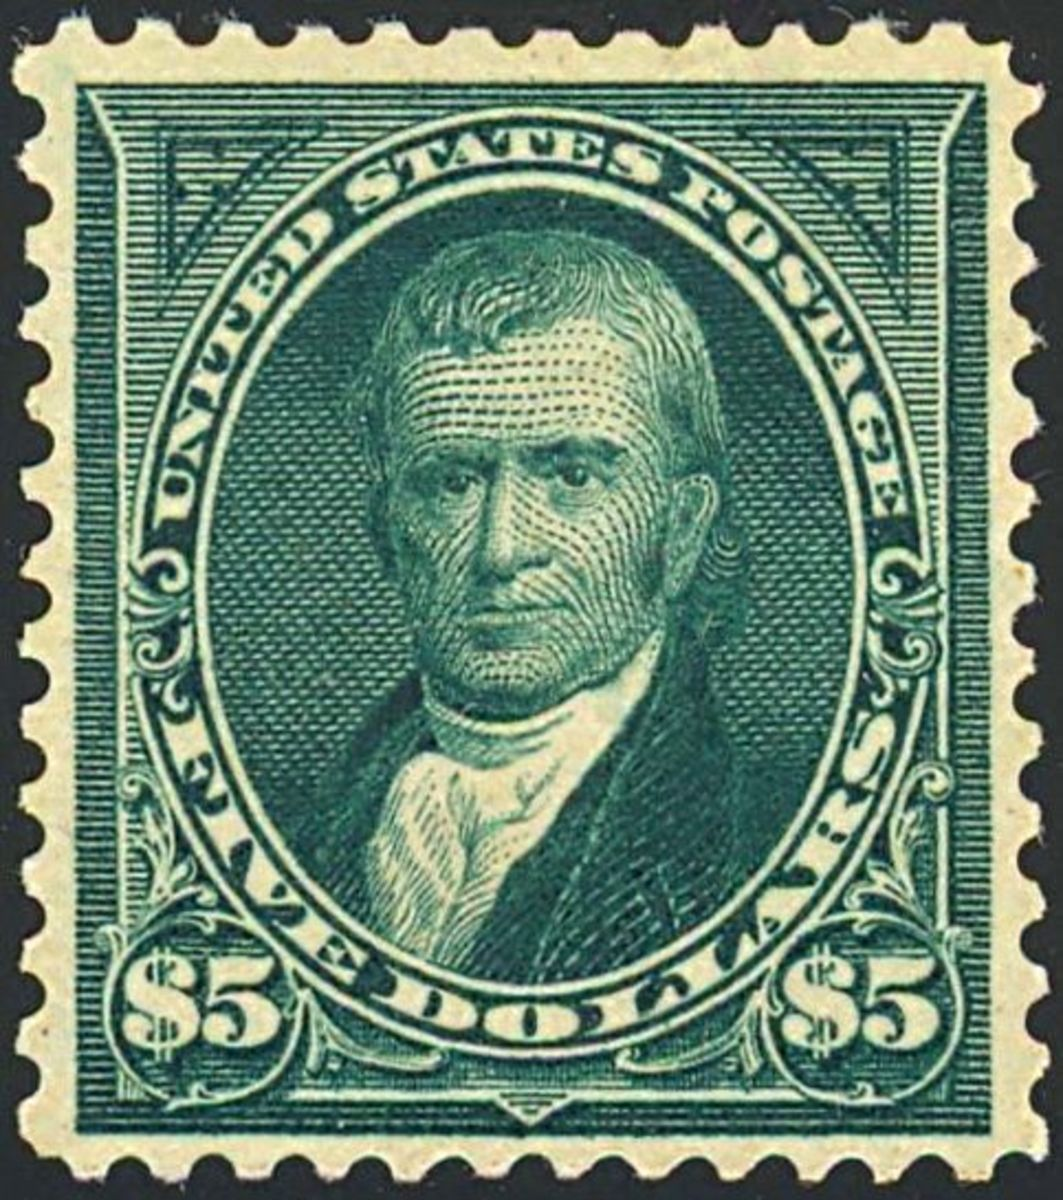 US $5 Postage stamp, John Marshall, 1903 issue.